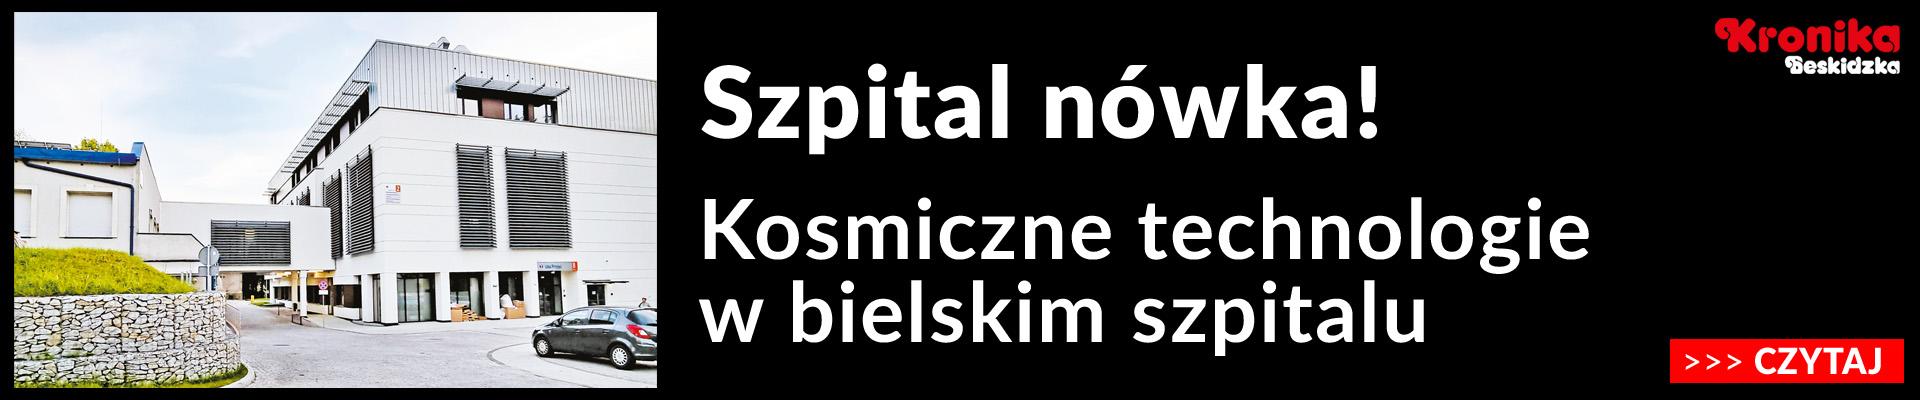 KBszpital